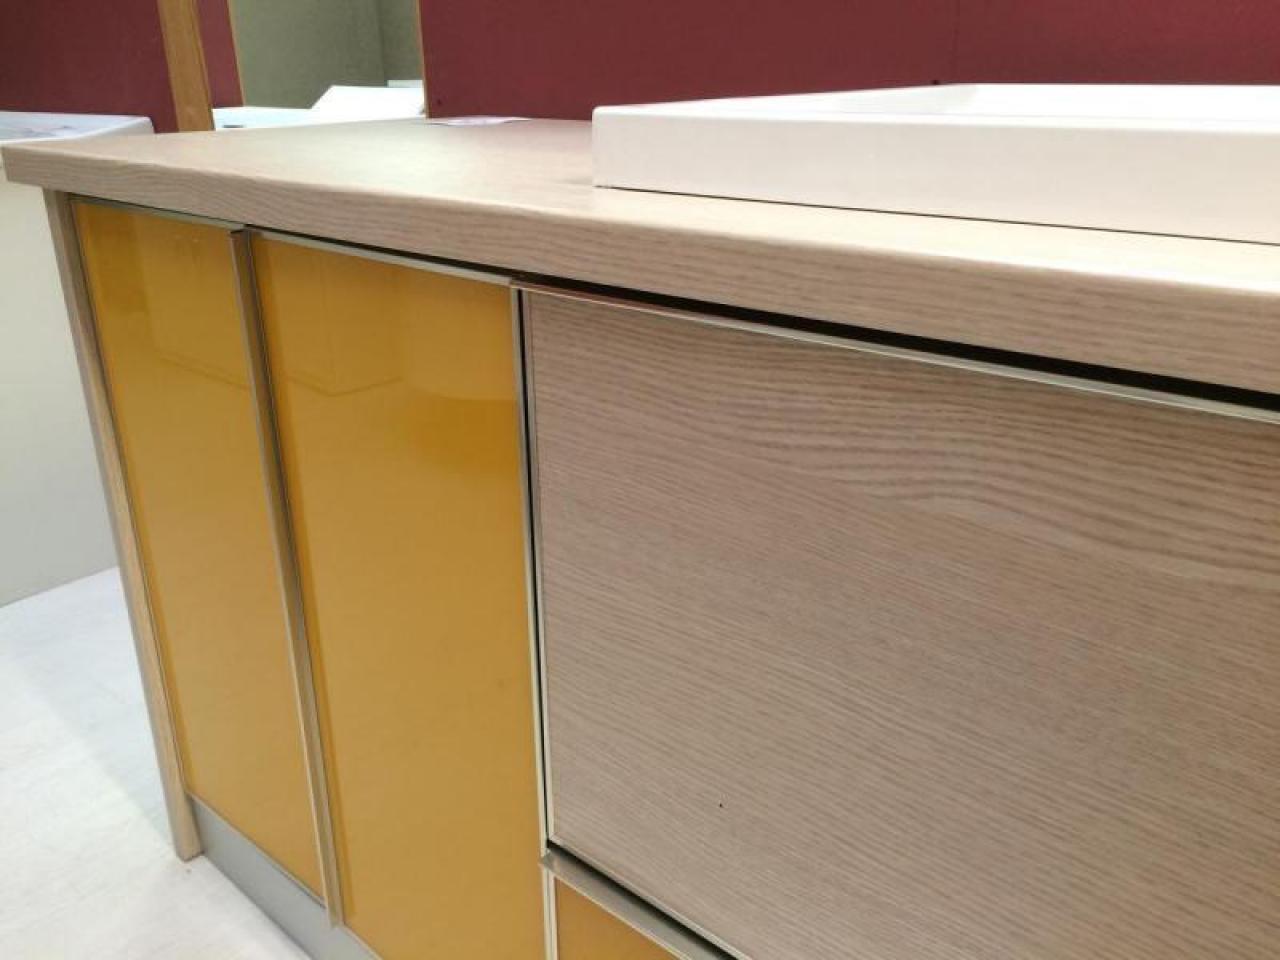 Vano Lavanderia In Bagno : Mobile porta lavatrice montegrappa prezzo scontato a vicenza